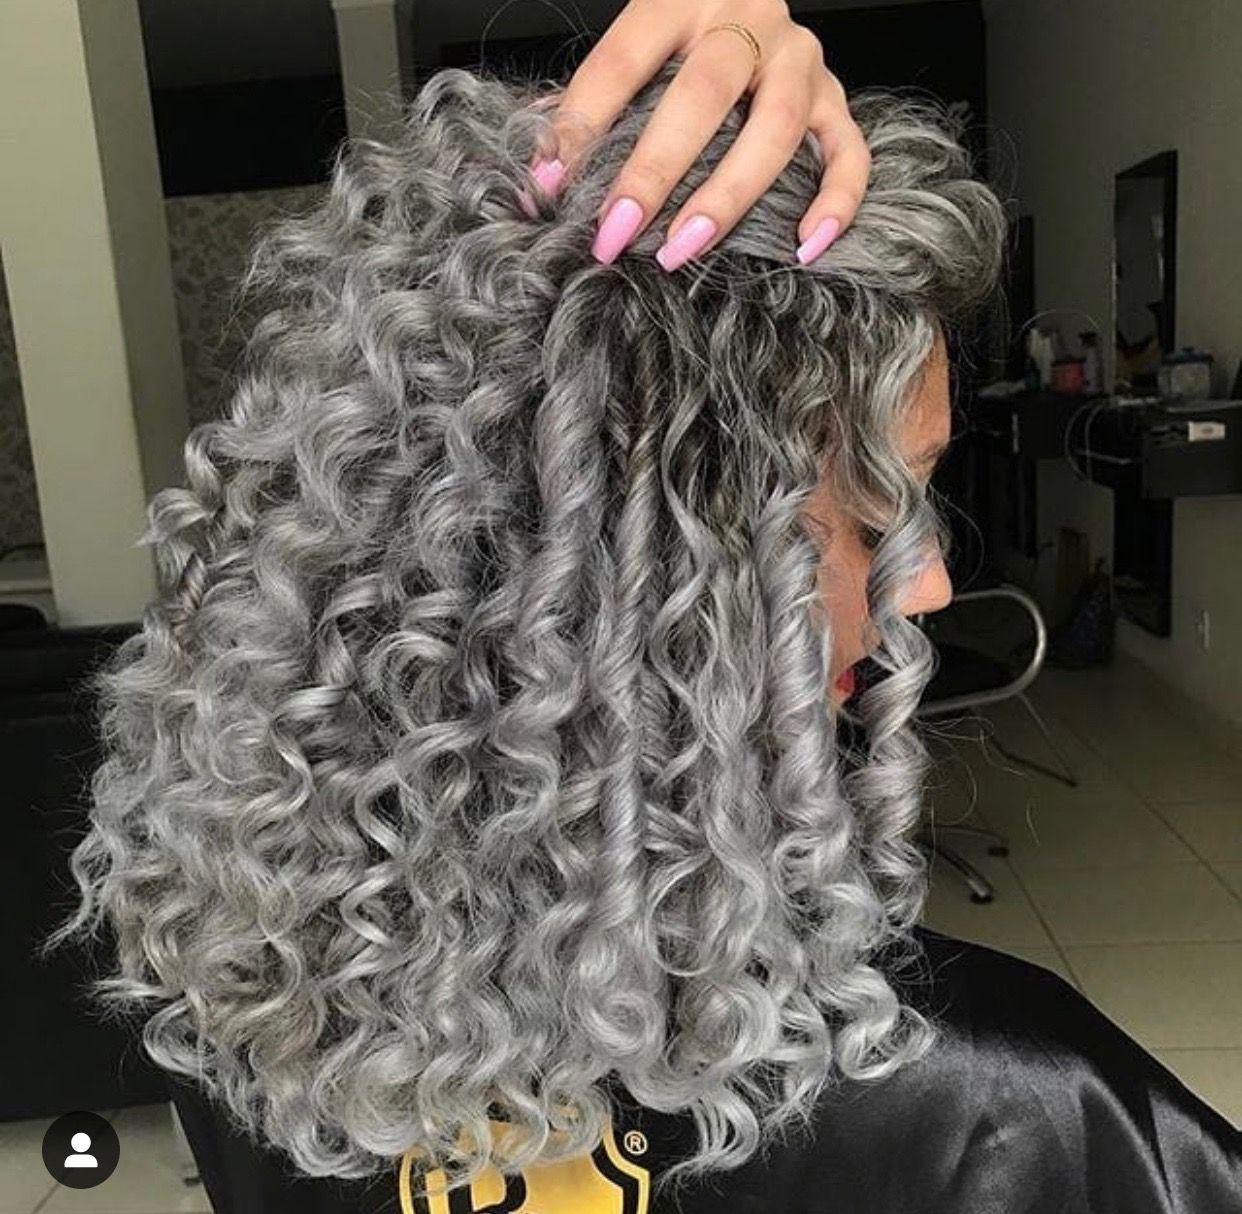 Pin By Zahraa Ammar On Hair Hair Styles Curly Hair Styles Colored Curly Hair